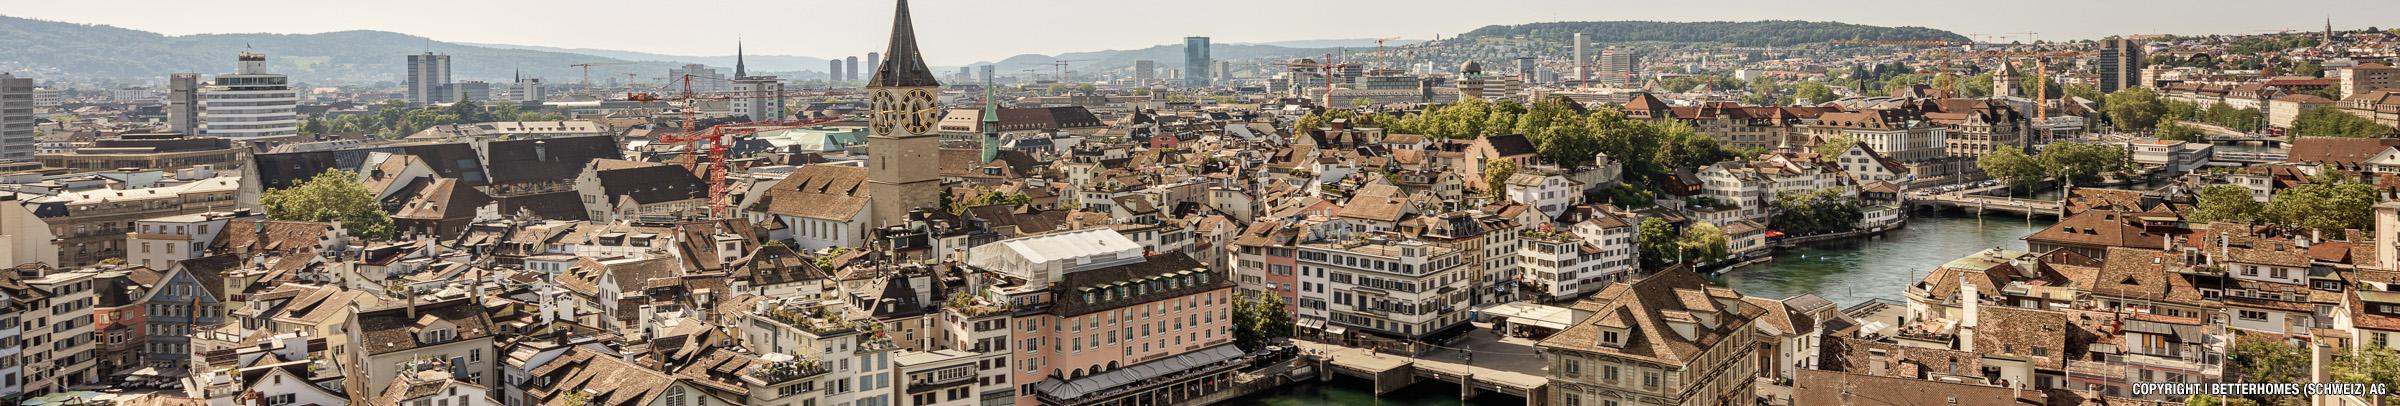 Zürich-.jpg